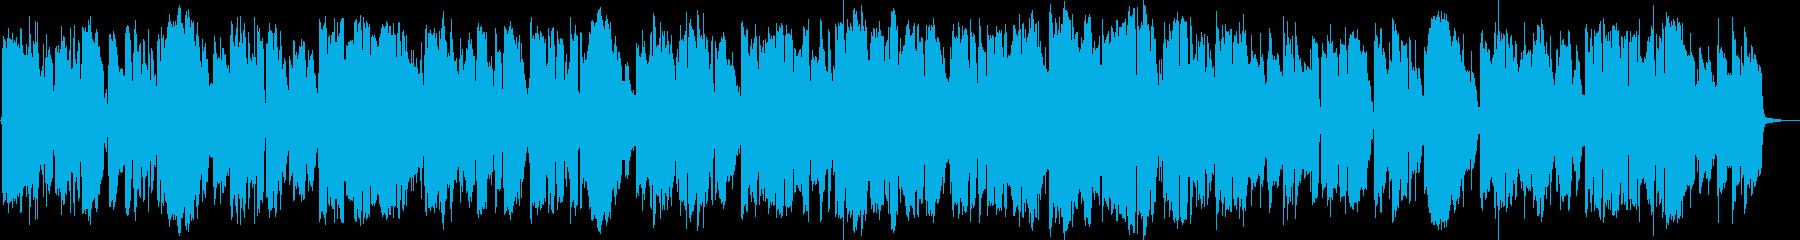 ハーモニカ生演奏ジャズワルツフルコーラスの再生済みの波形